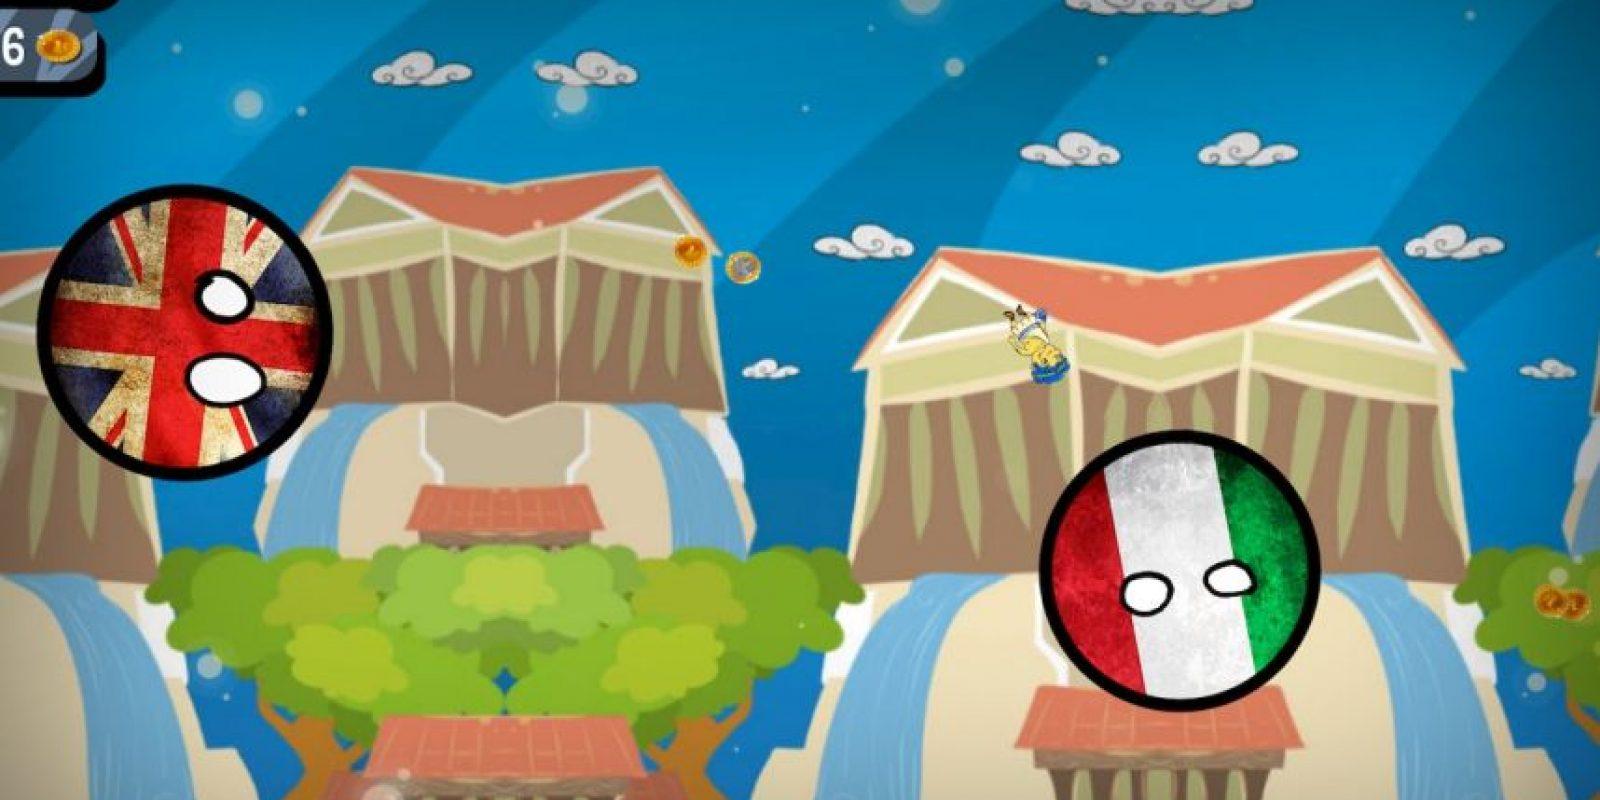 Al saltar deberán recolectar la mayor cantidad de euros Foto:AAAppDev – Google Play